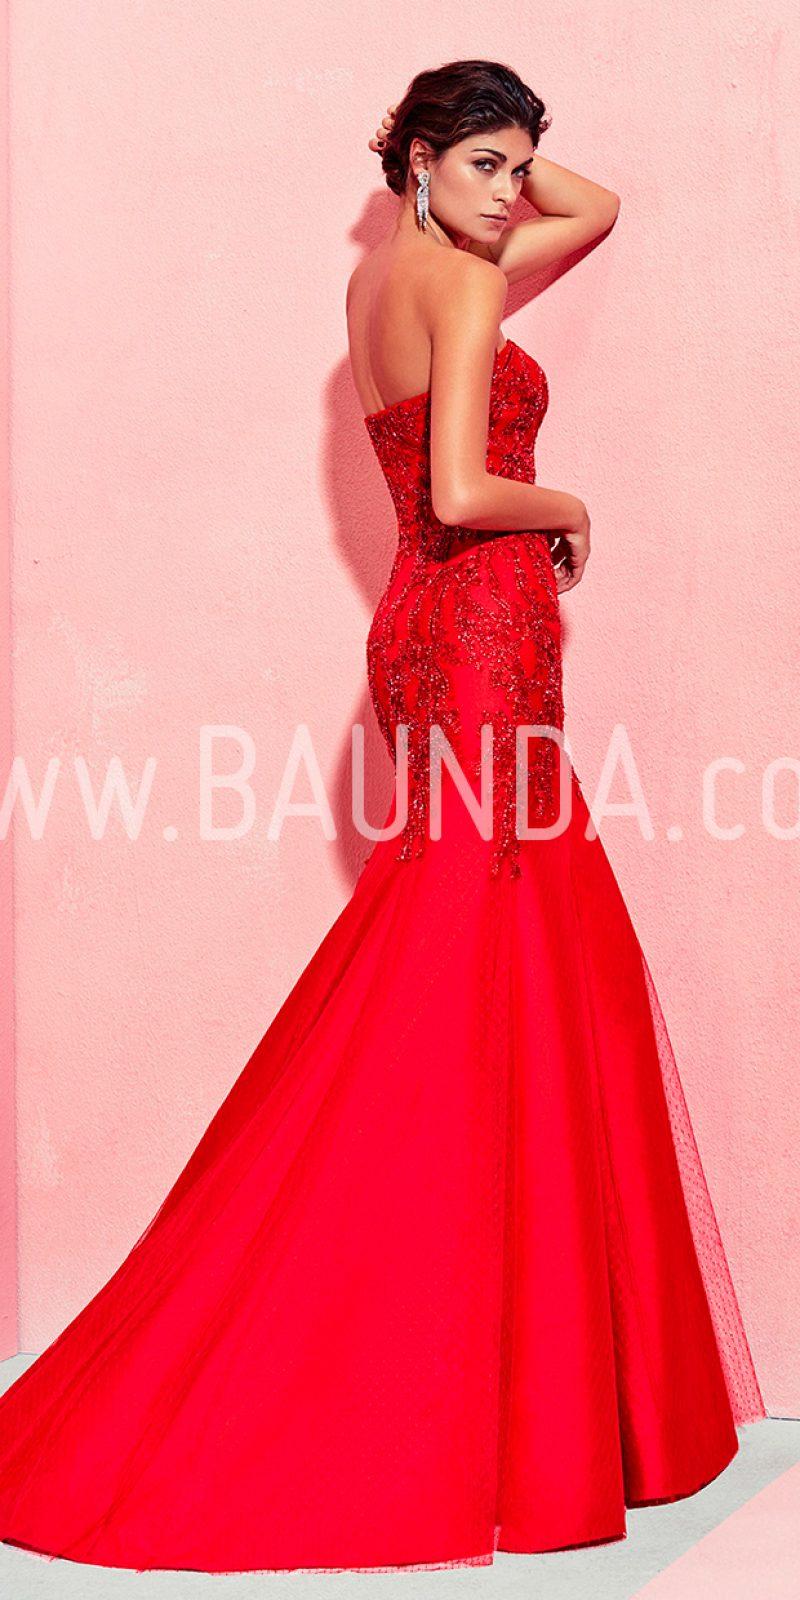 Baunda Vestido sirena Marfil 2018 modelo 2J1D8 rojo Baunda Madrid y ...